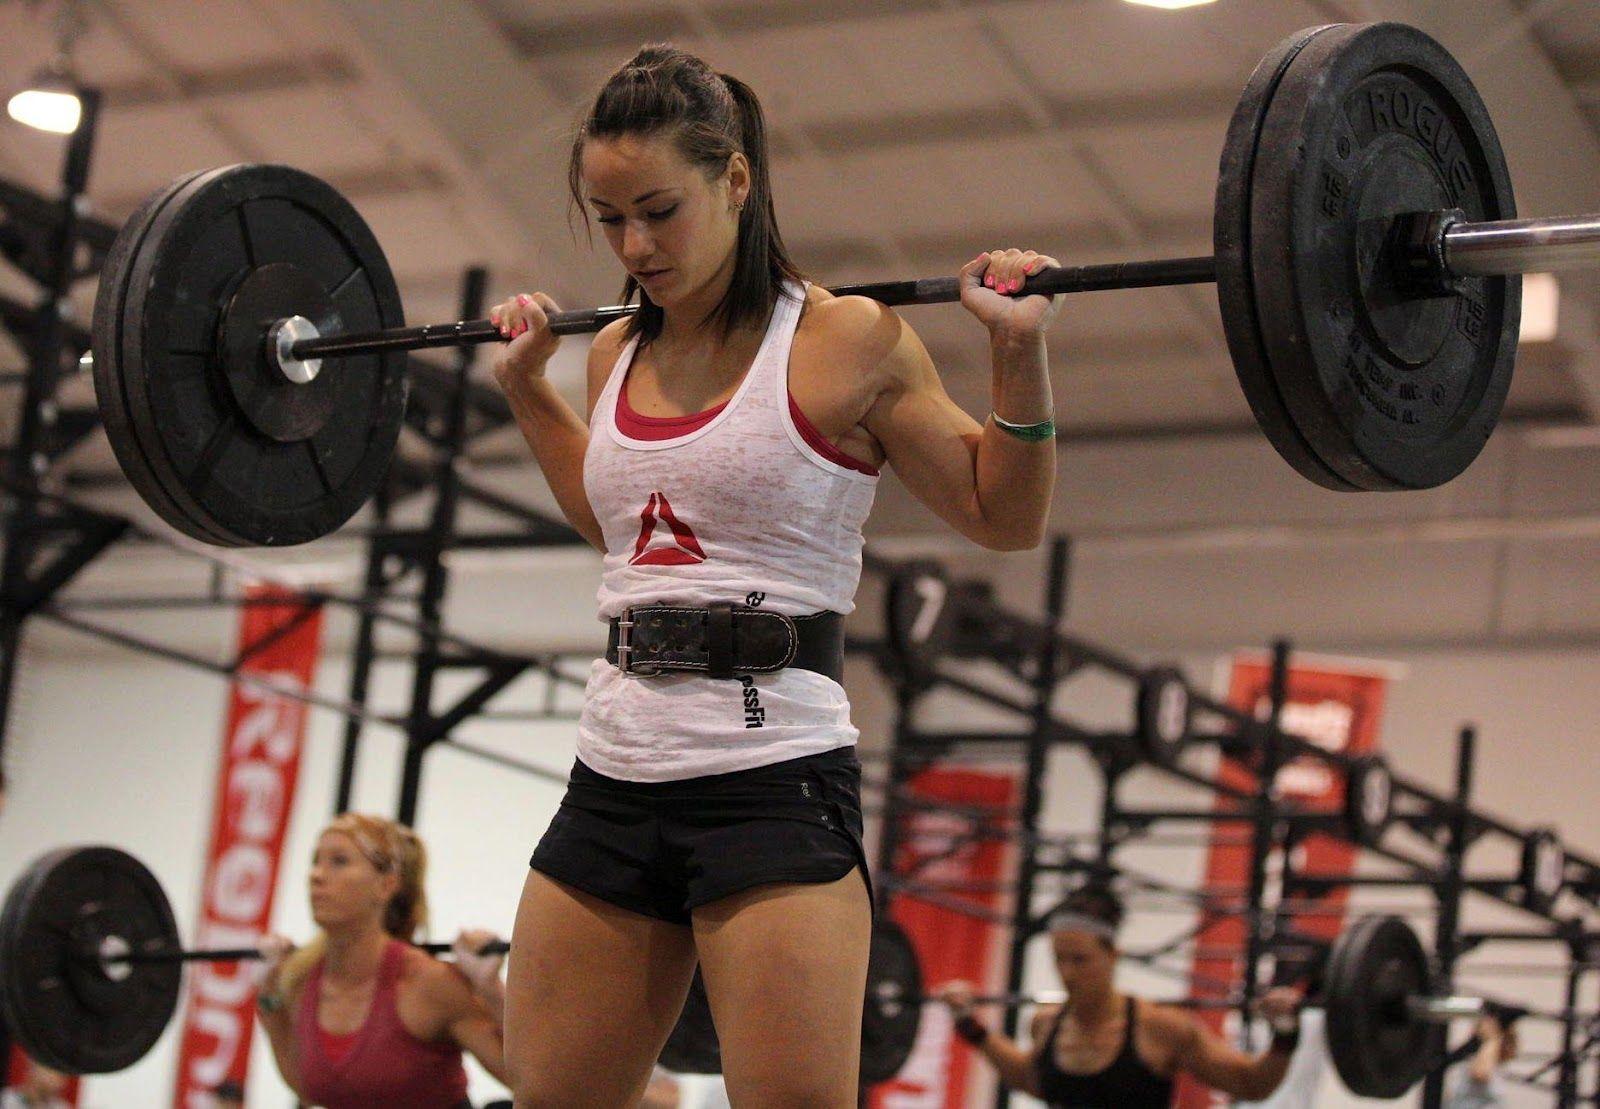 Gana músculo · Cómo entrenar tu musculatura · Hipertrofia